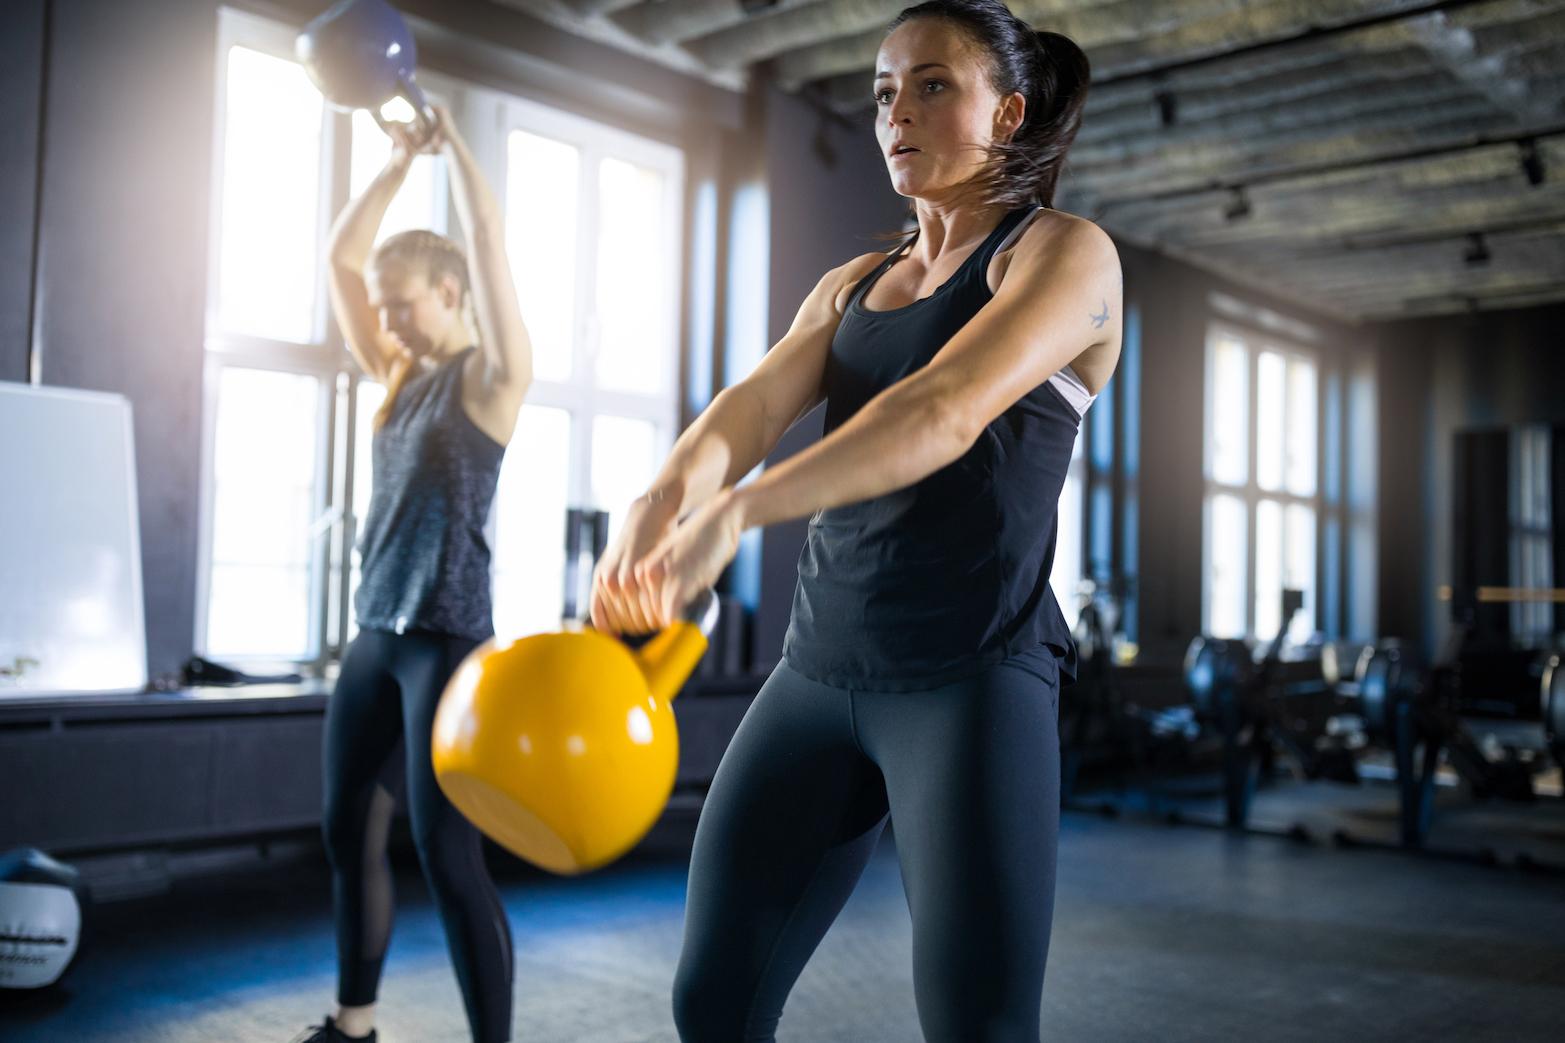 come-bruciare-piu-calorie-potenziando-i-muscoli